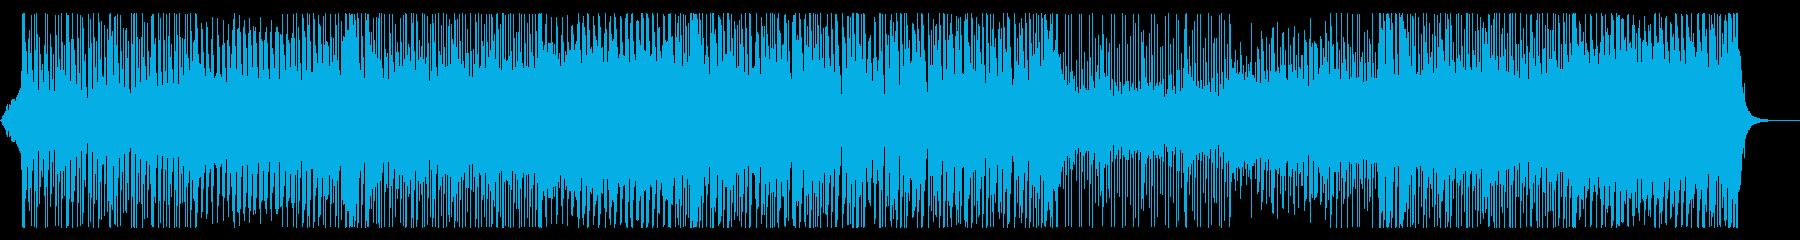 三味線がリードする4つ打ちダンス曲の再生済みの波形